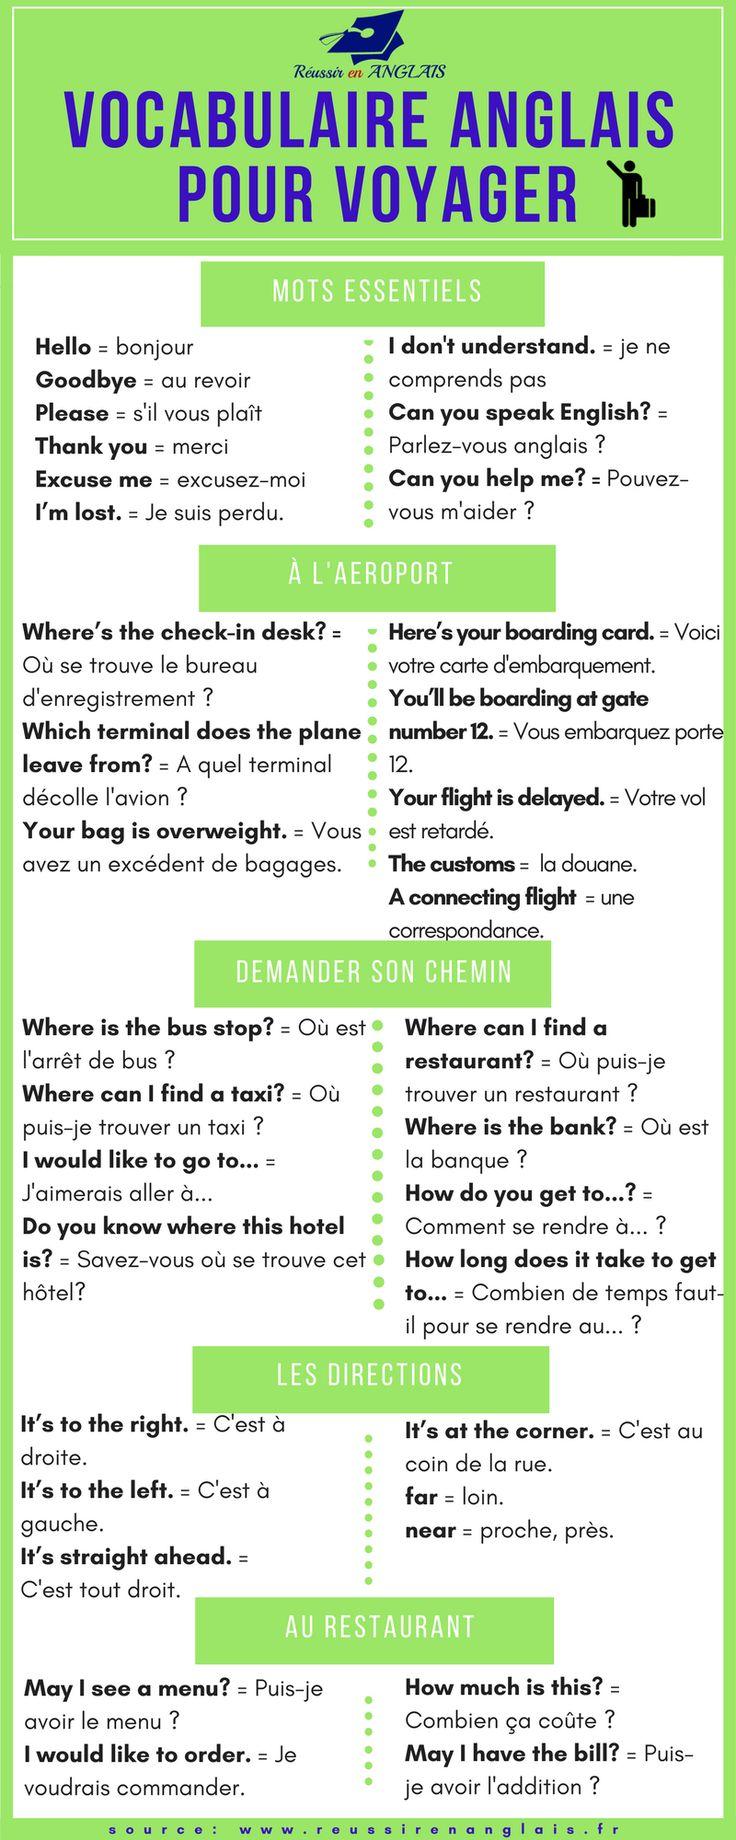 Voici une infographie regroupant 35 expressions anglaises indispensables à utiliser en voyage : demander son chemin en anglais, commander à manger en anglais... Téléchargez mon guide gratuit pour progresser en anglais http://reussirenanglais.fr/guide-cadeau/